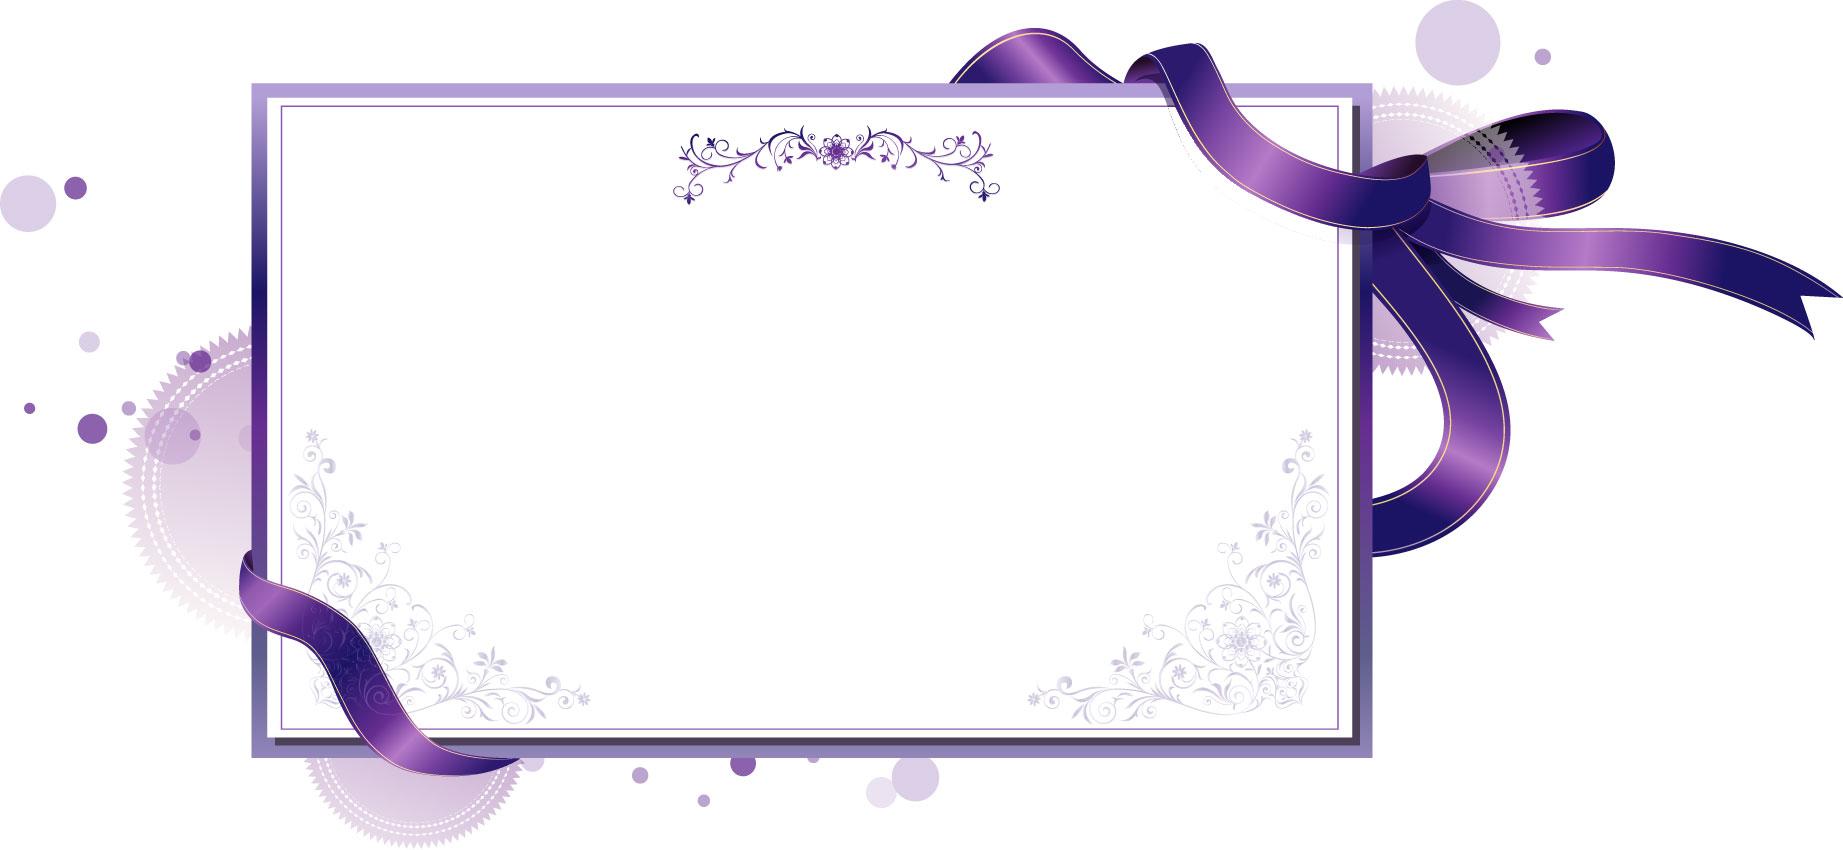 イラスト イラスト 無料 カード : ... のフレームイラスト - サンプル